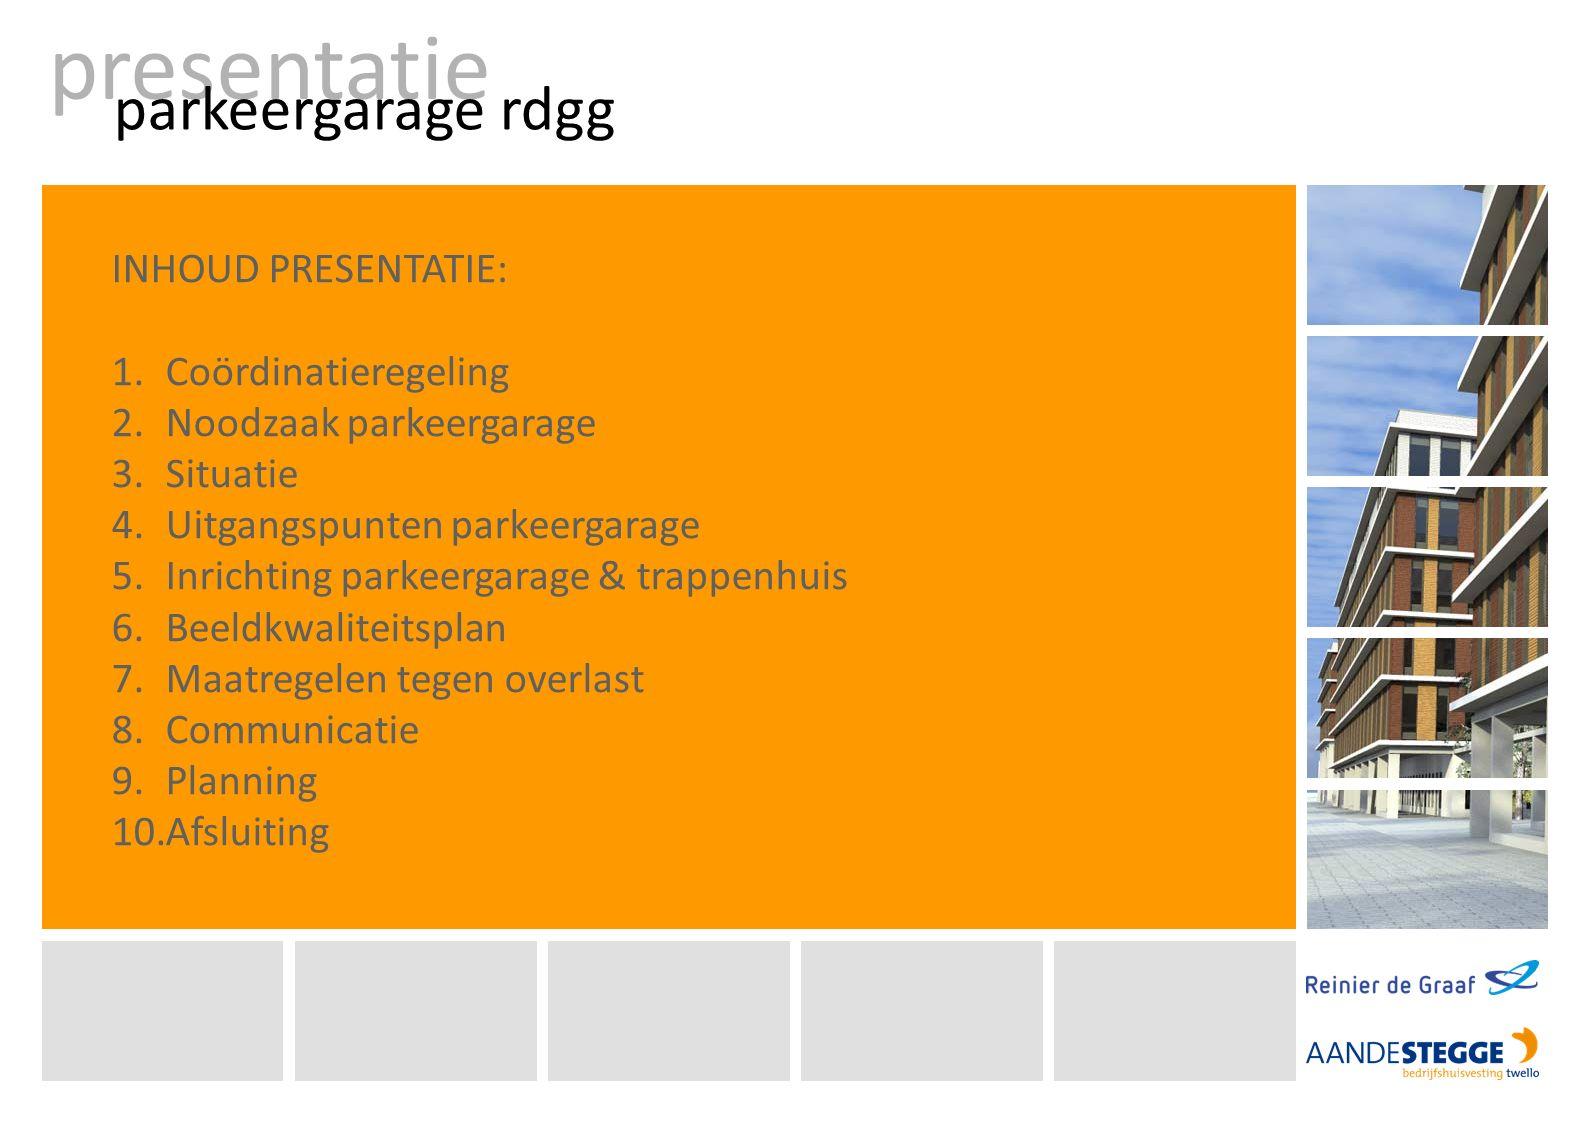 Toepassen coördinatieregeling bij Parkeergarage RdGG: Procedurele vereenvoudiging en versnelling van ruimtelijke projecten Mogelijk wanneer planuitwerking reeds bekend is Ontwerp en technische uitwerking parkeergarage zijn beschikbaar Helderheid naar de omgeving over de invulling van de nieuwe planologische ruimte Duidelijkheid naar de omgeving: één procedure, één periode ter inzage met informatieavond coördinatieregeling parkeergarage rdgg